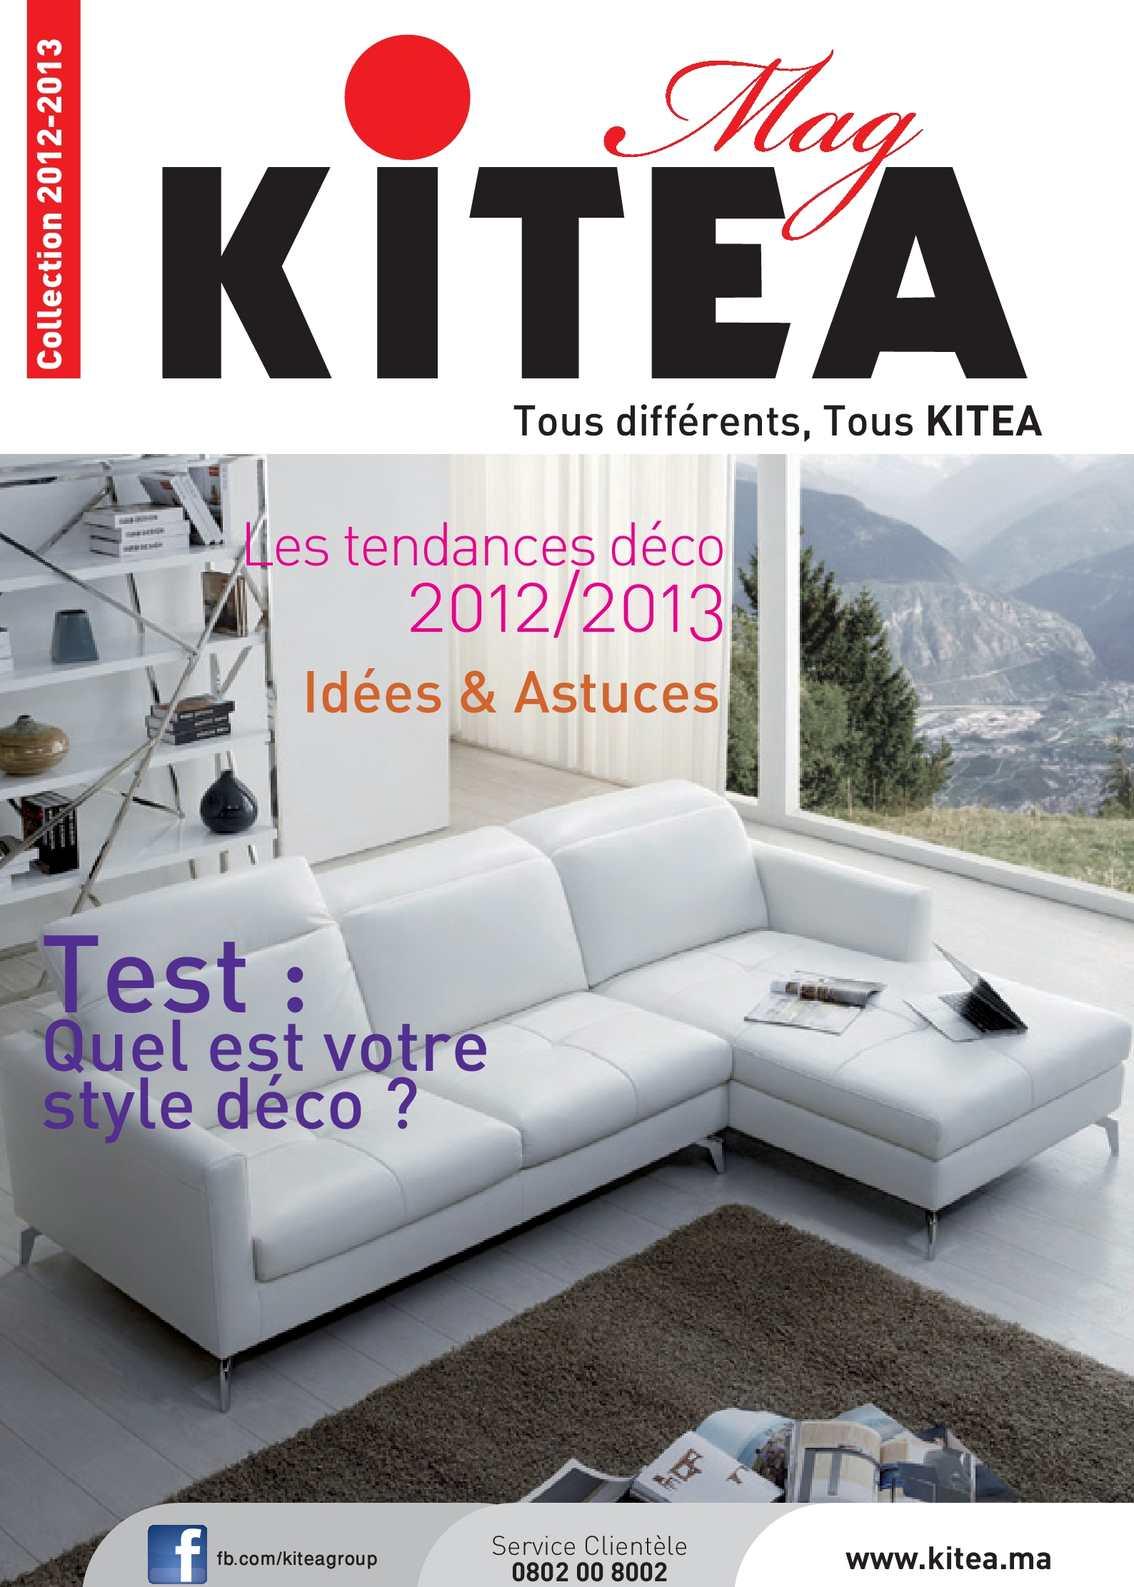 Calaméo - KITEA MAG Collection 2012-2013